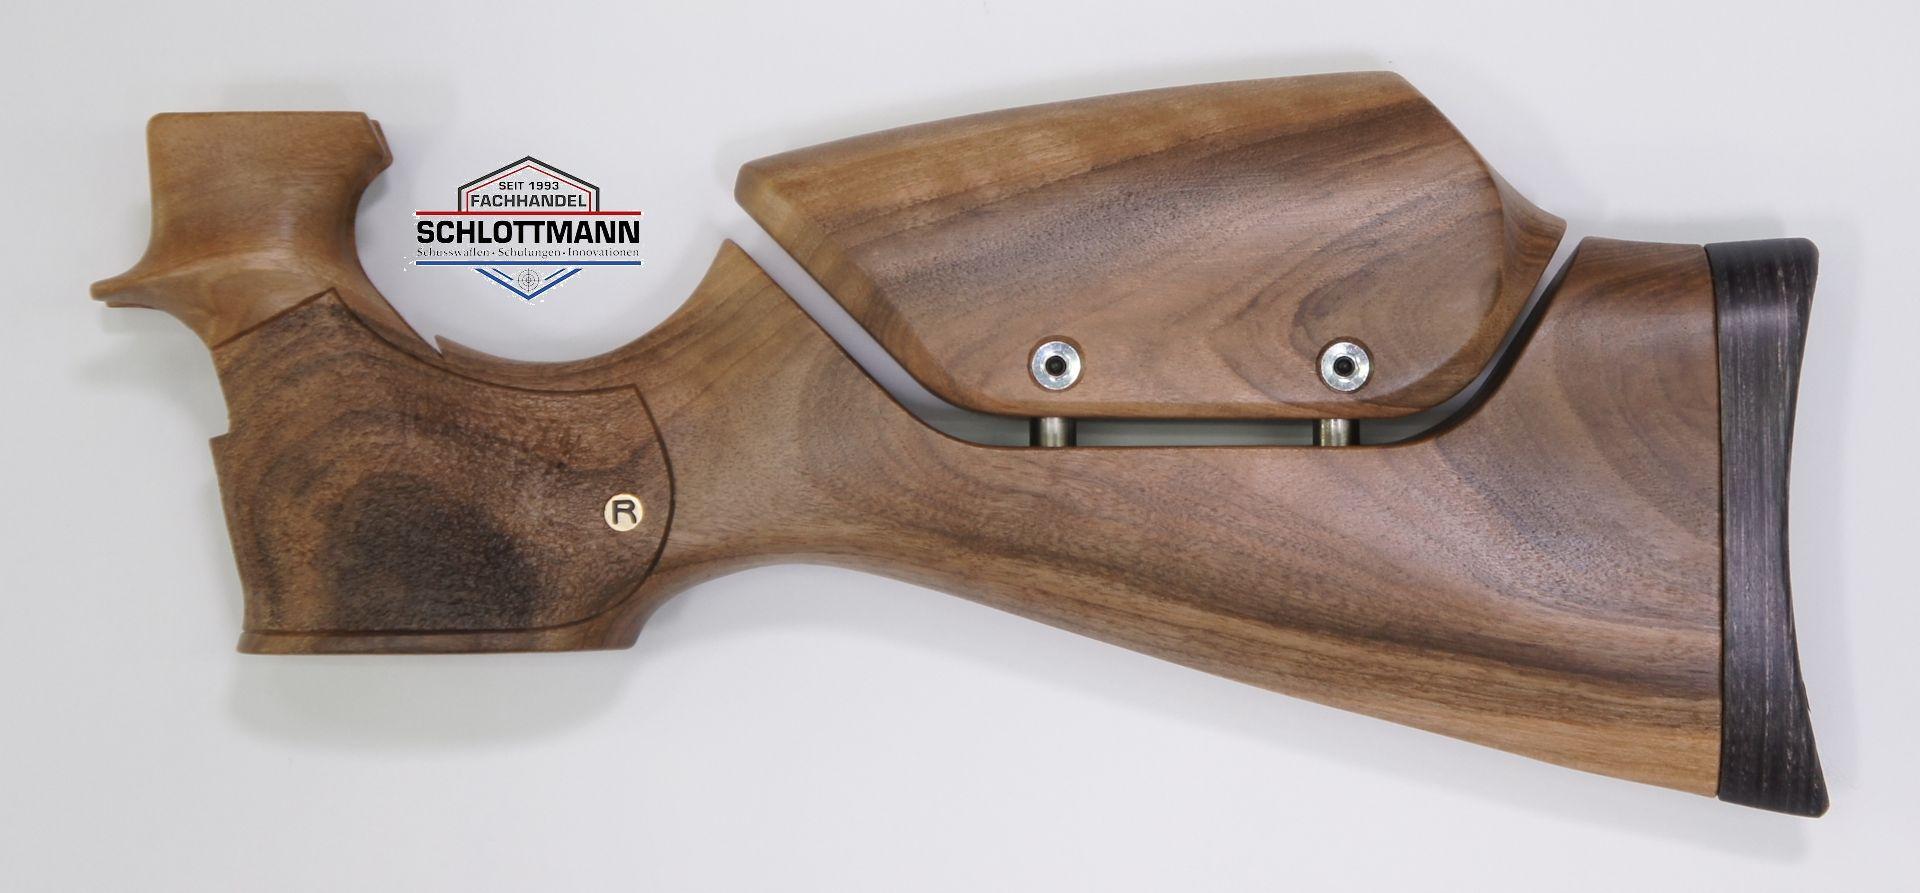 Anschlagschaft für Luftpistole HW 45 (Standardausführung und HW 45 Trophy)  aus Nussbaumholz mit verstellbarer Schaftbacke